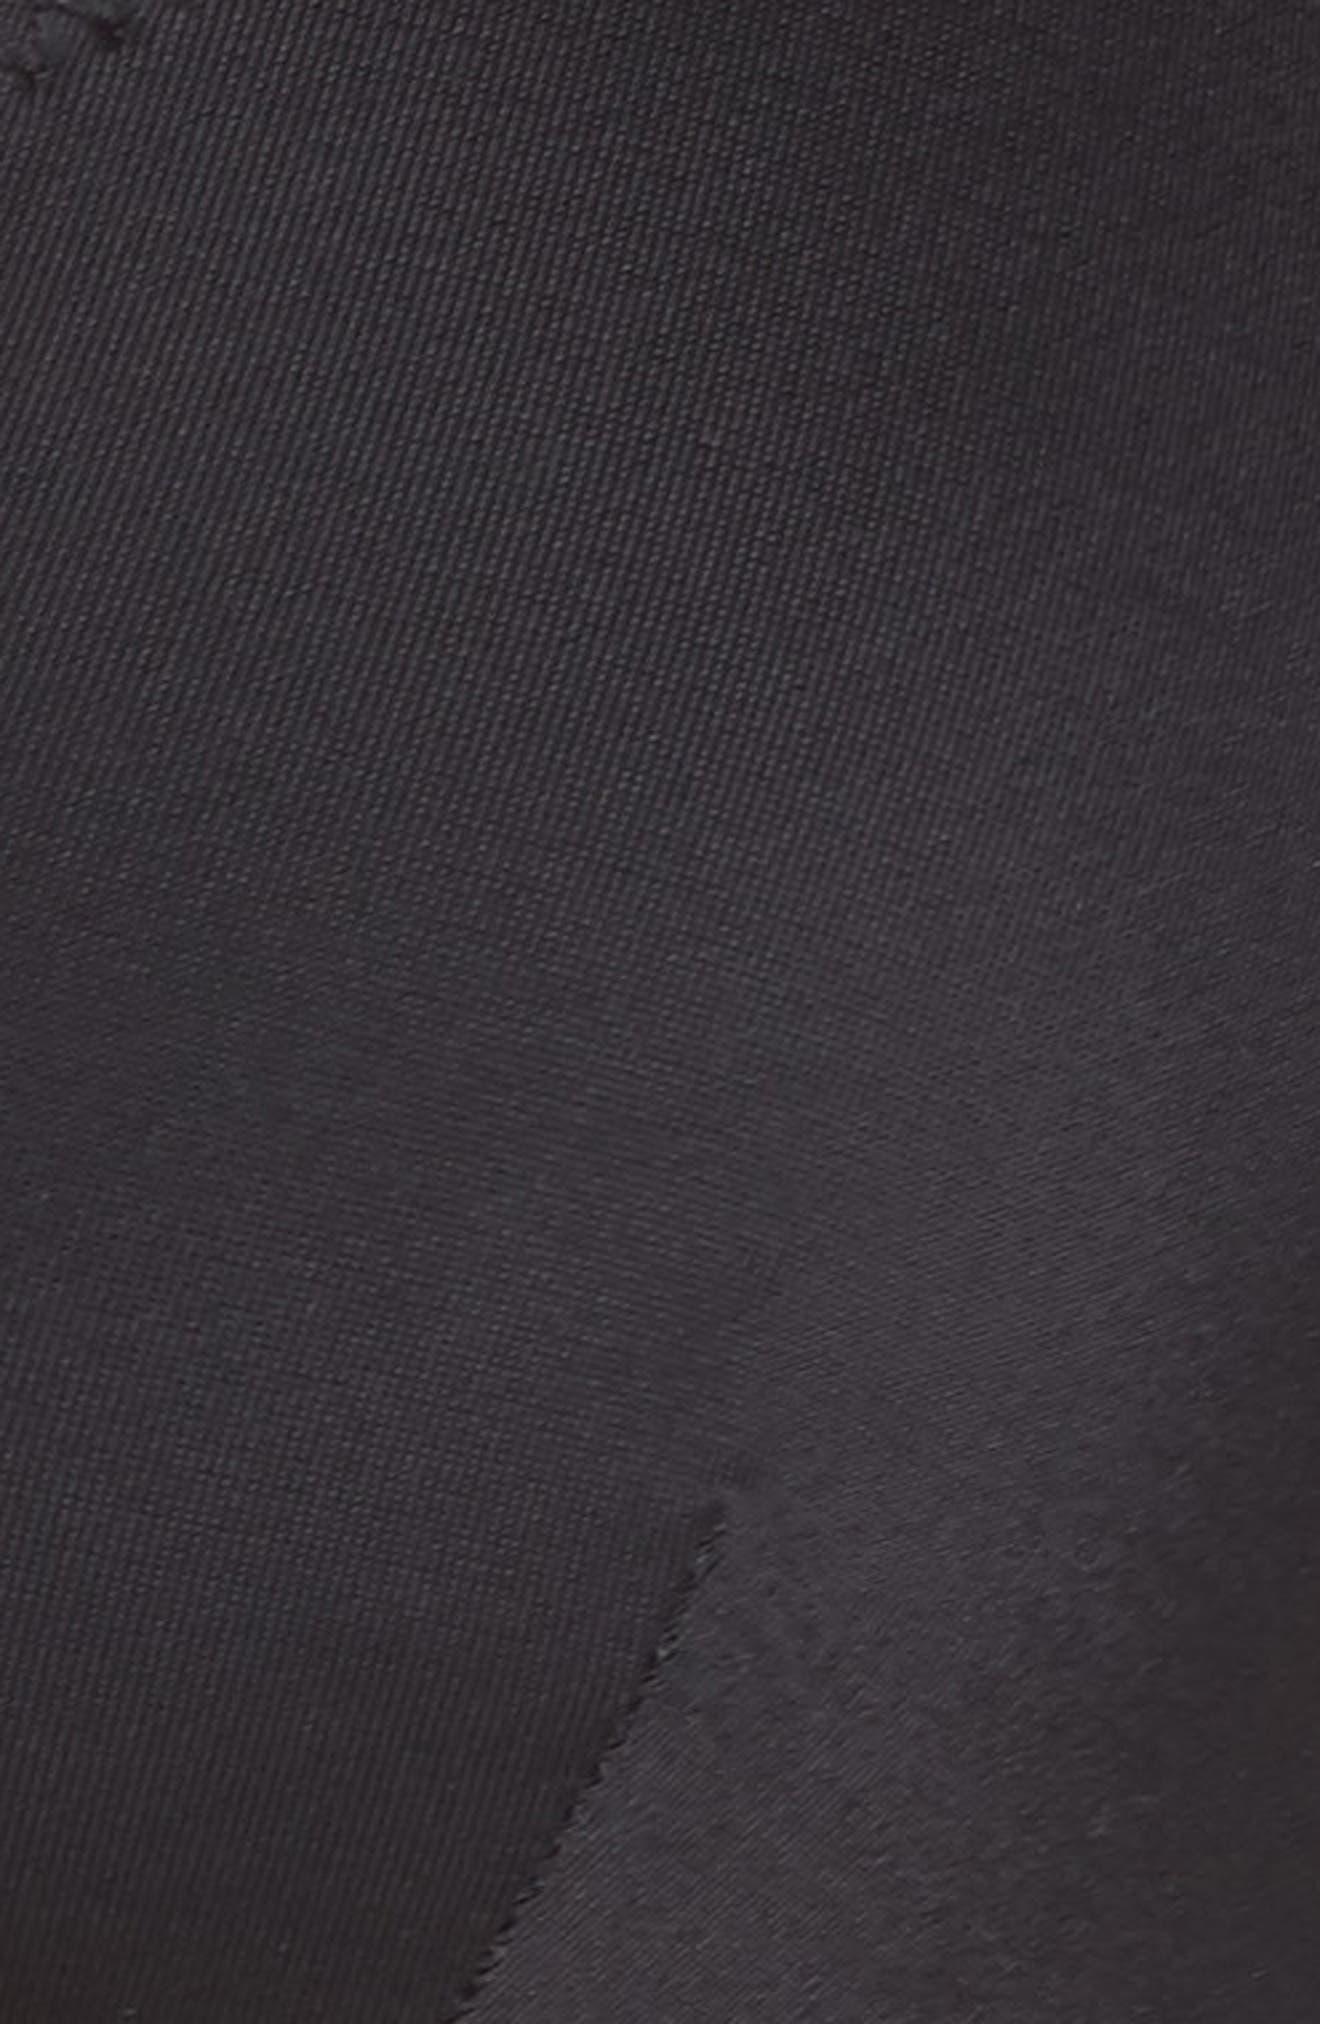 Cora Bikini Top,                             Alternate thumbnail 6, color,                             BLACK